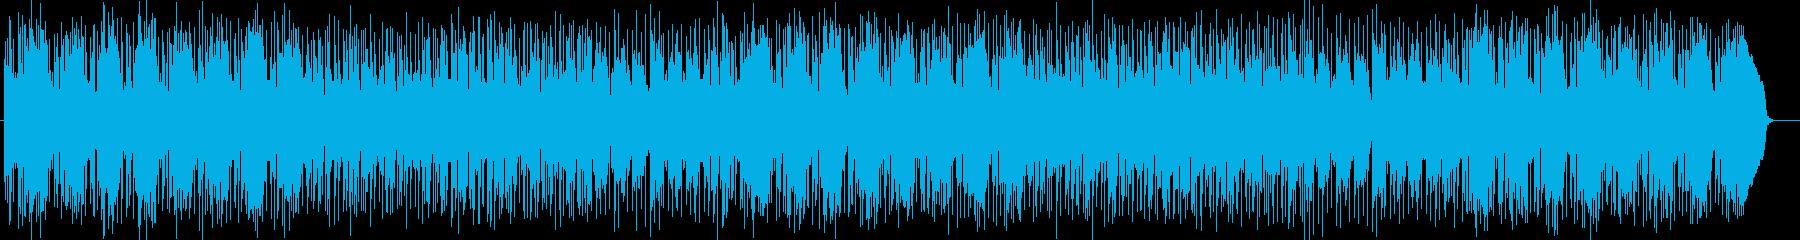 疾走感がありドラムが印象的なハウスの再生済みの波形